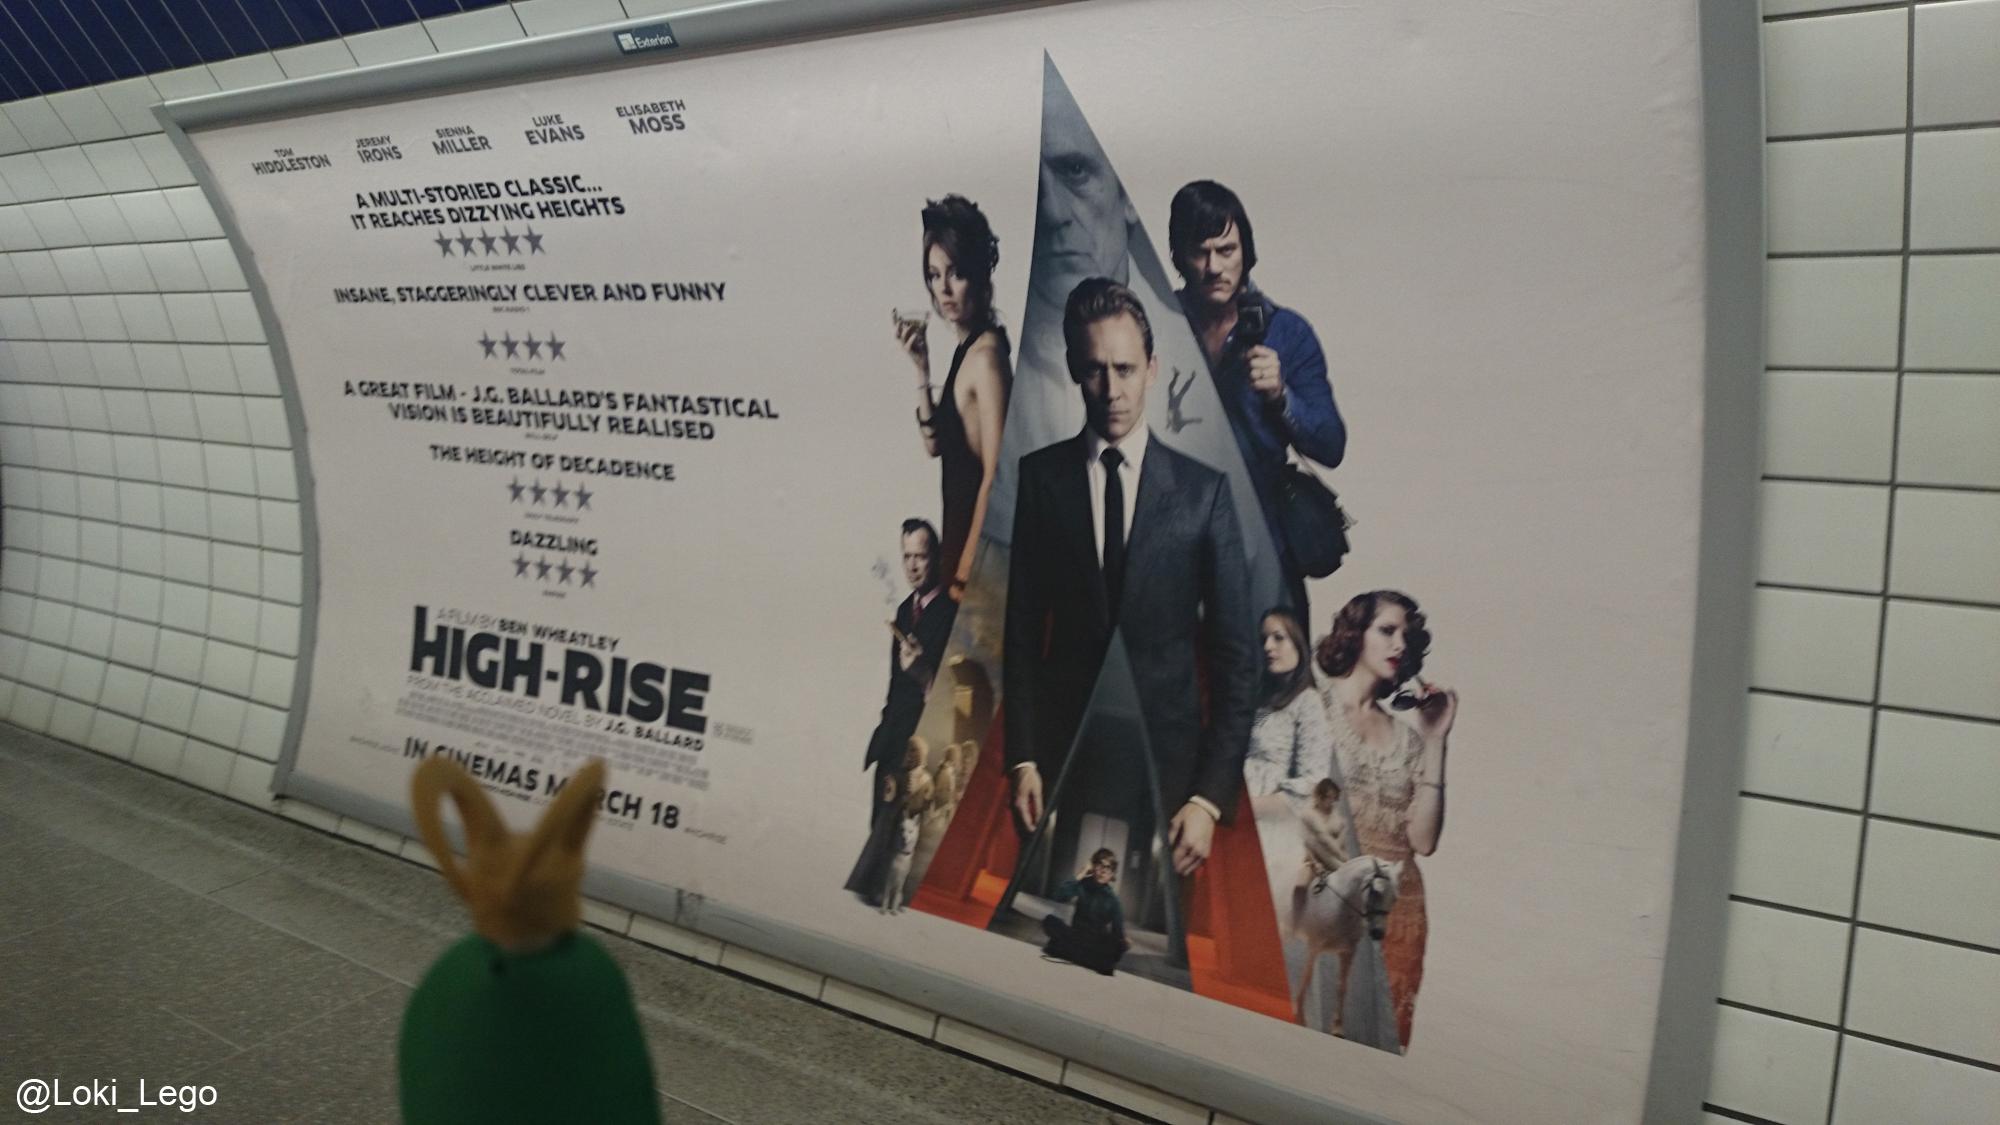 high-rise-tour-(2)